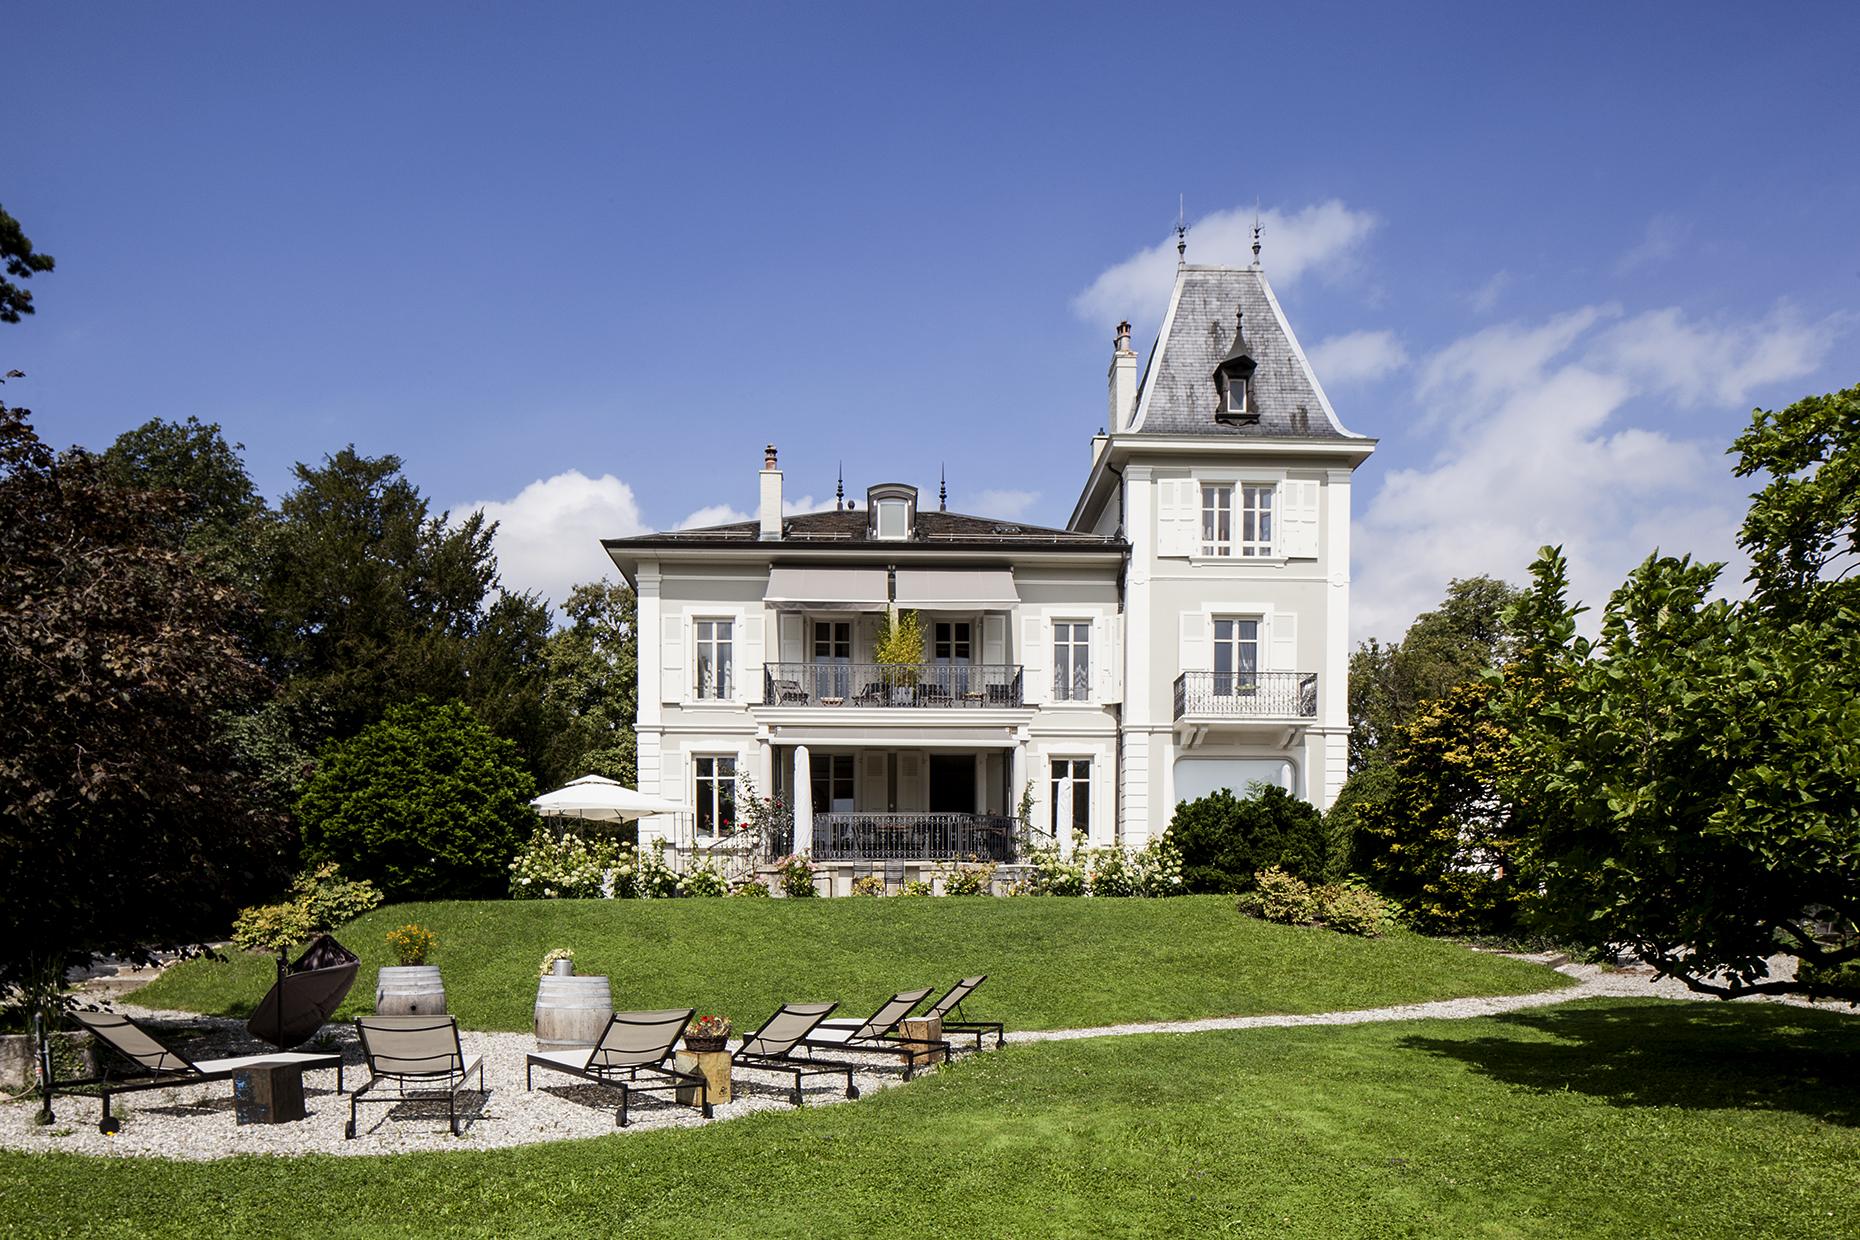 La Maison d'Igor parmi les plus beaux hôtels du pays